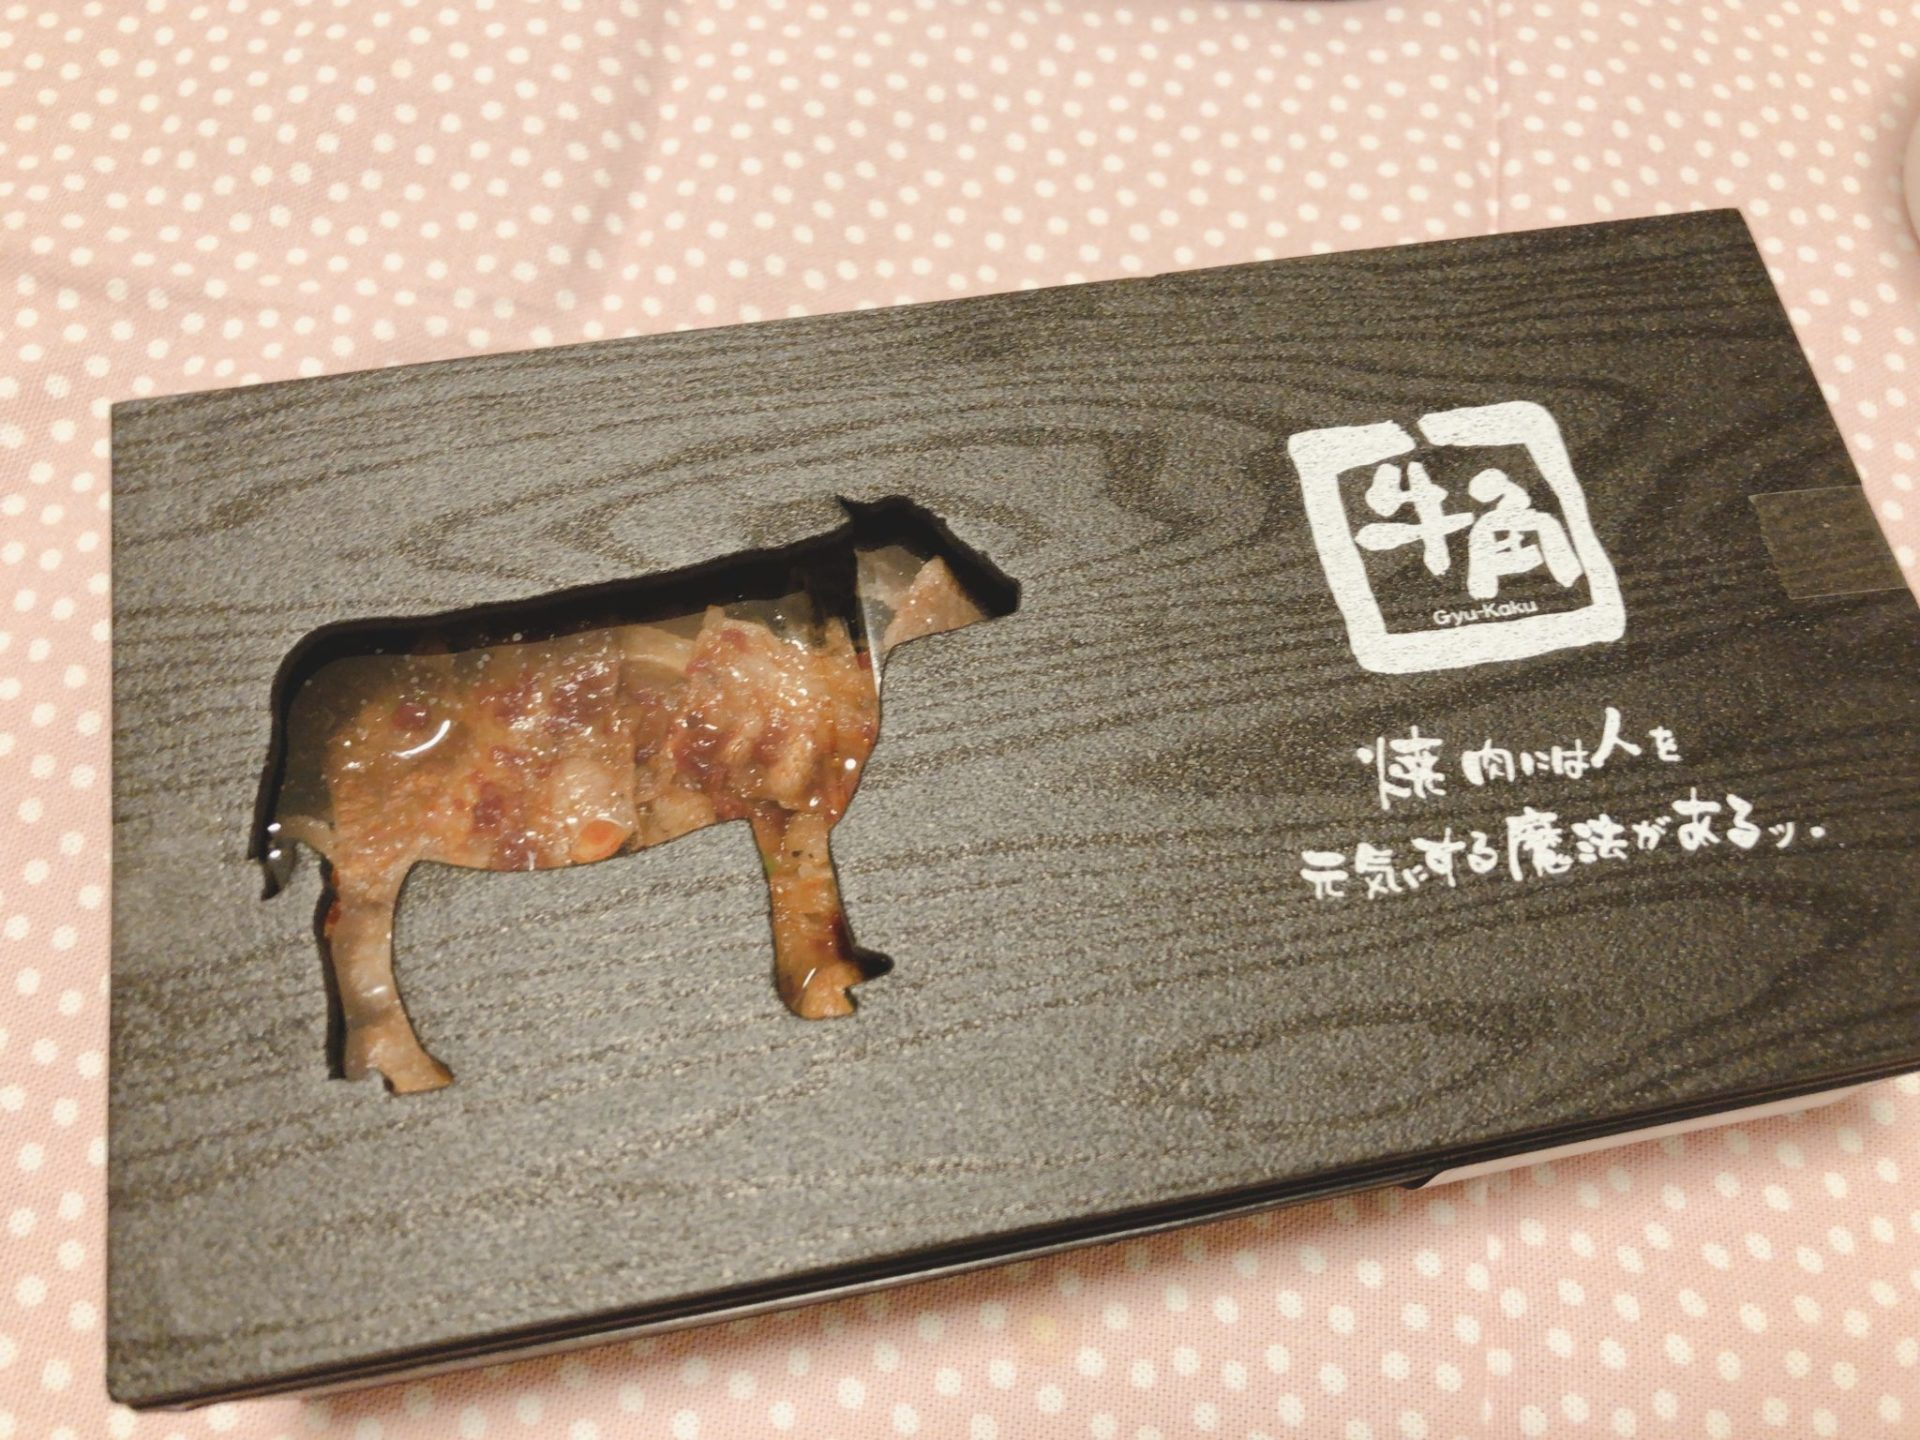 牛角 デリバリーの牛カルビ弁当